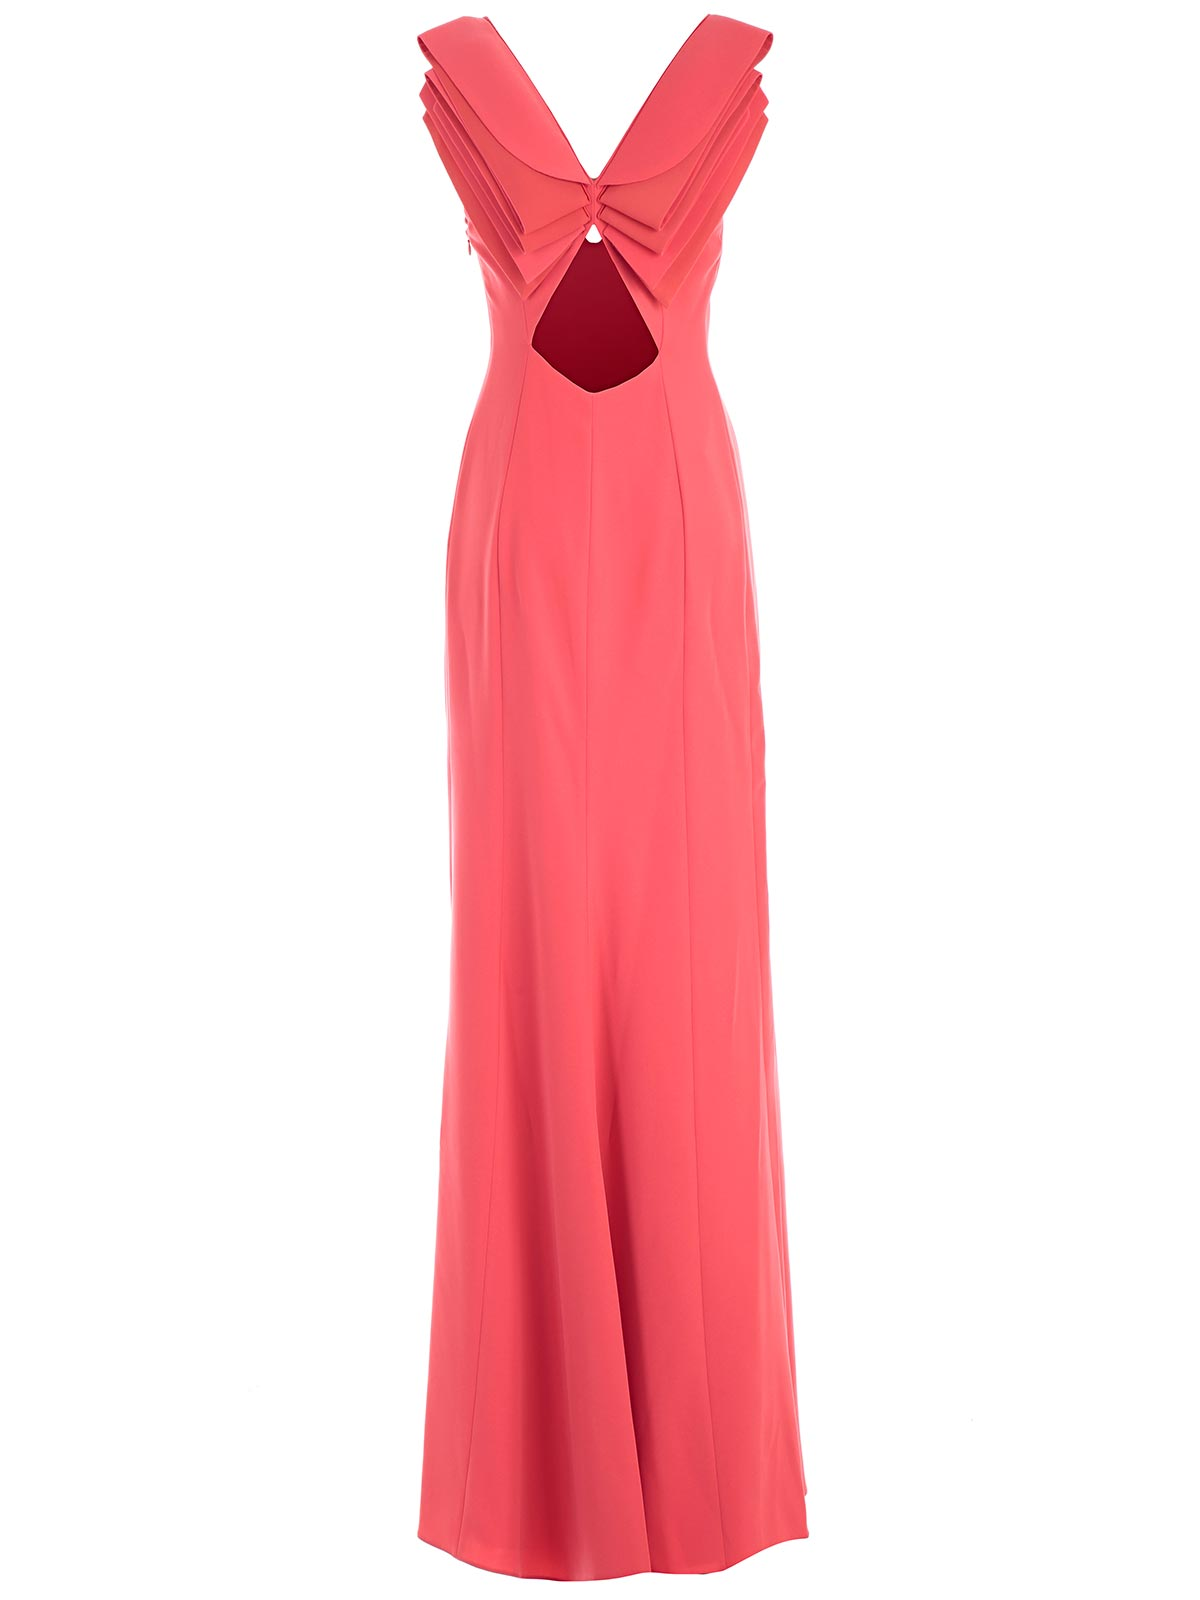 Picture of Emporio Armani Dress